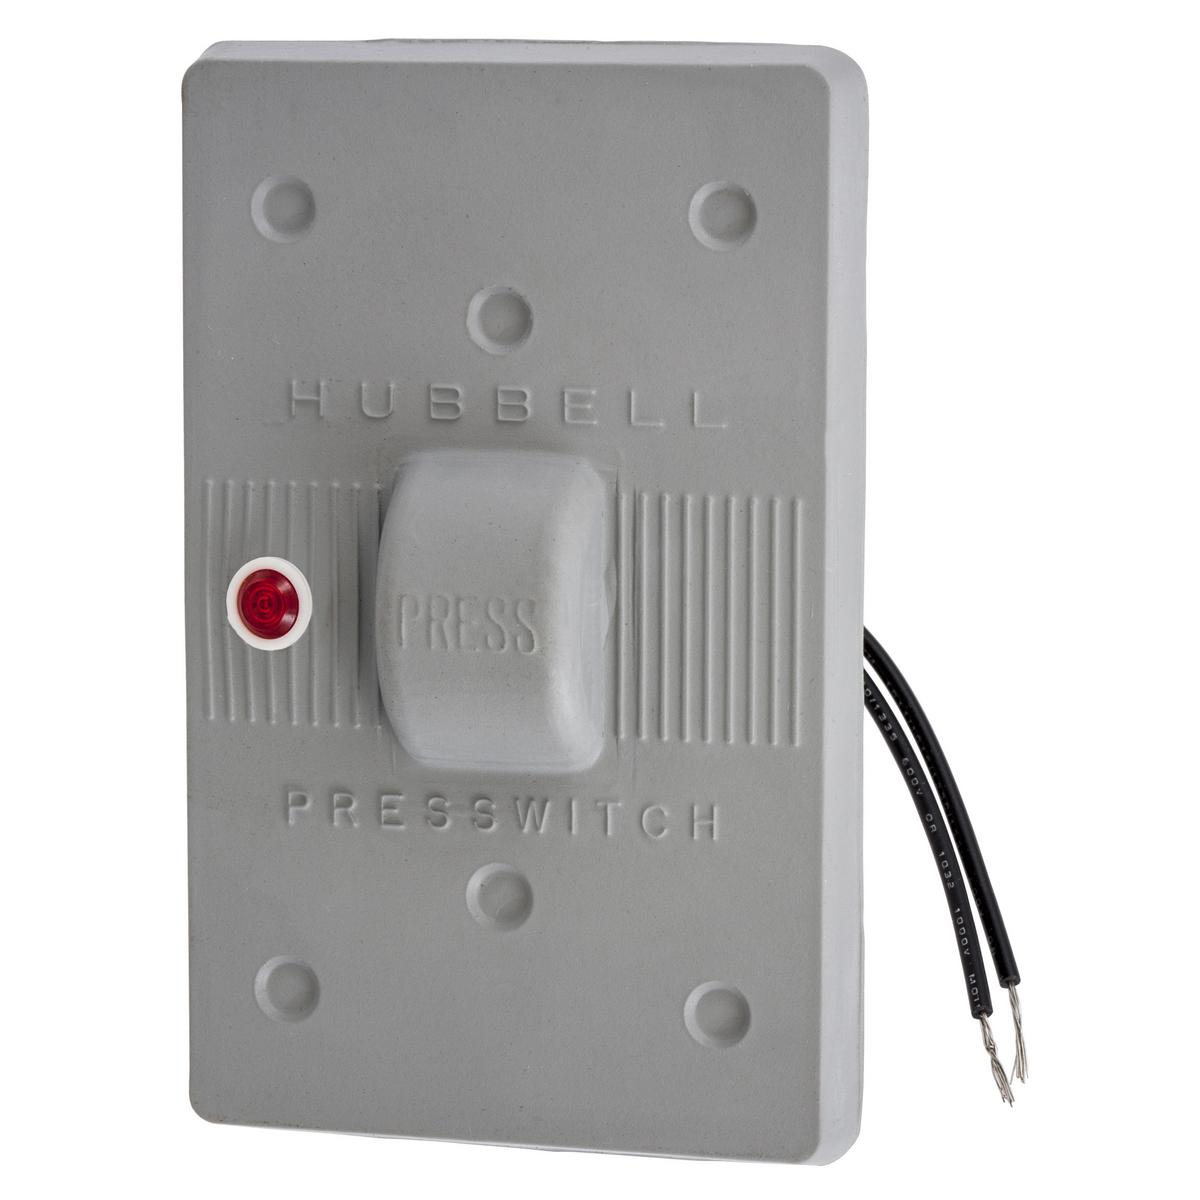 Hubbell HBL1785 Gray Neoprene Weatherproof Plate